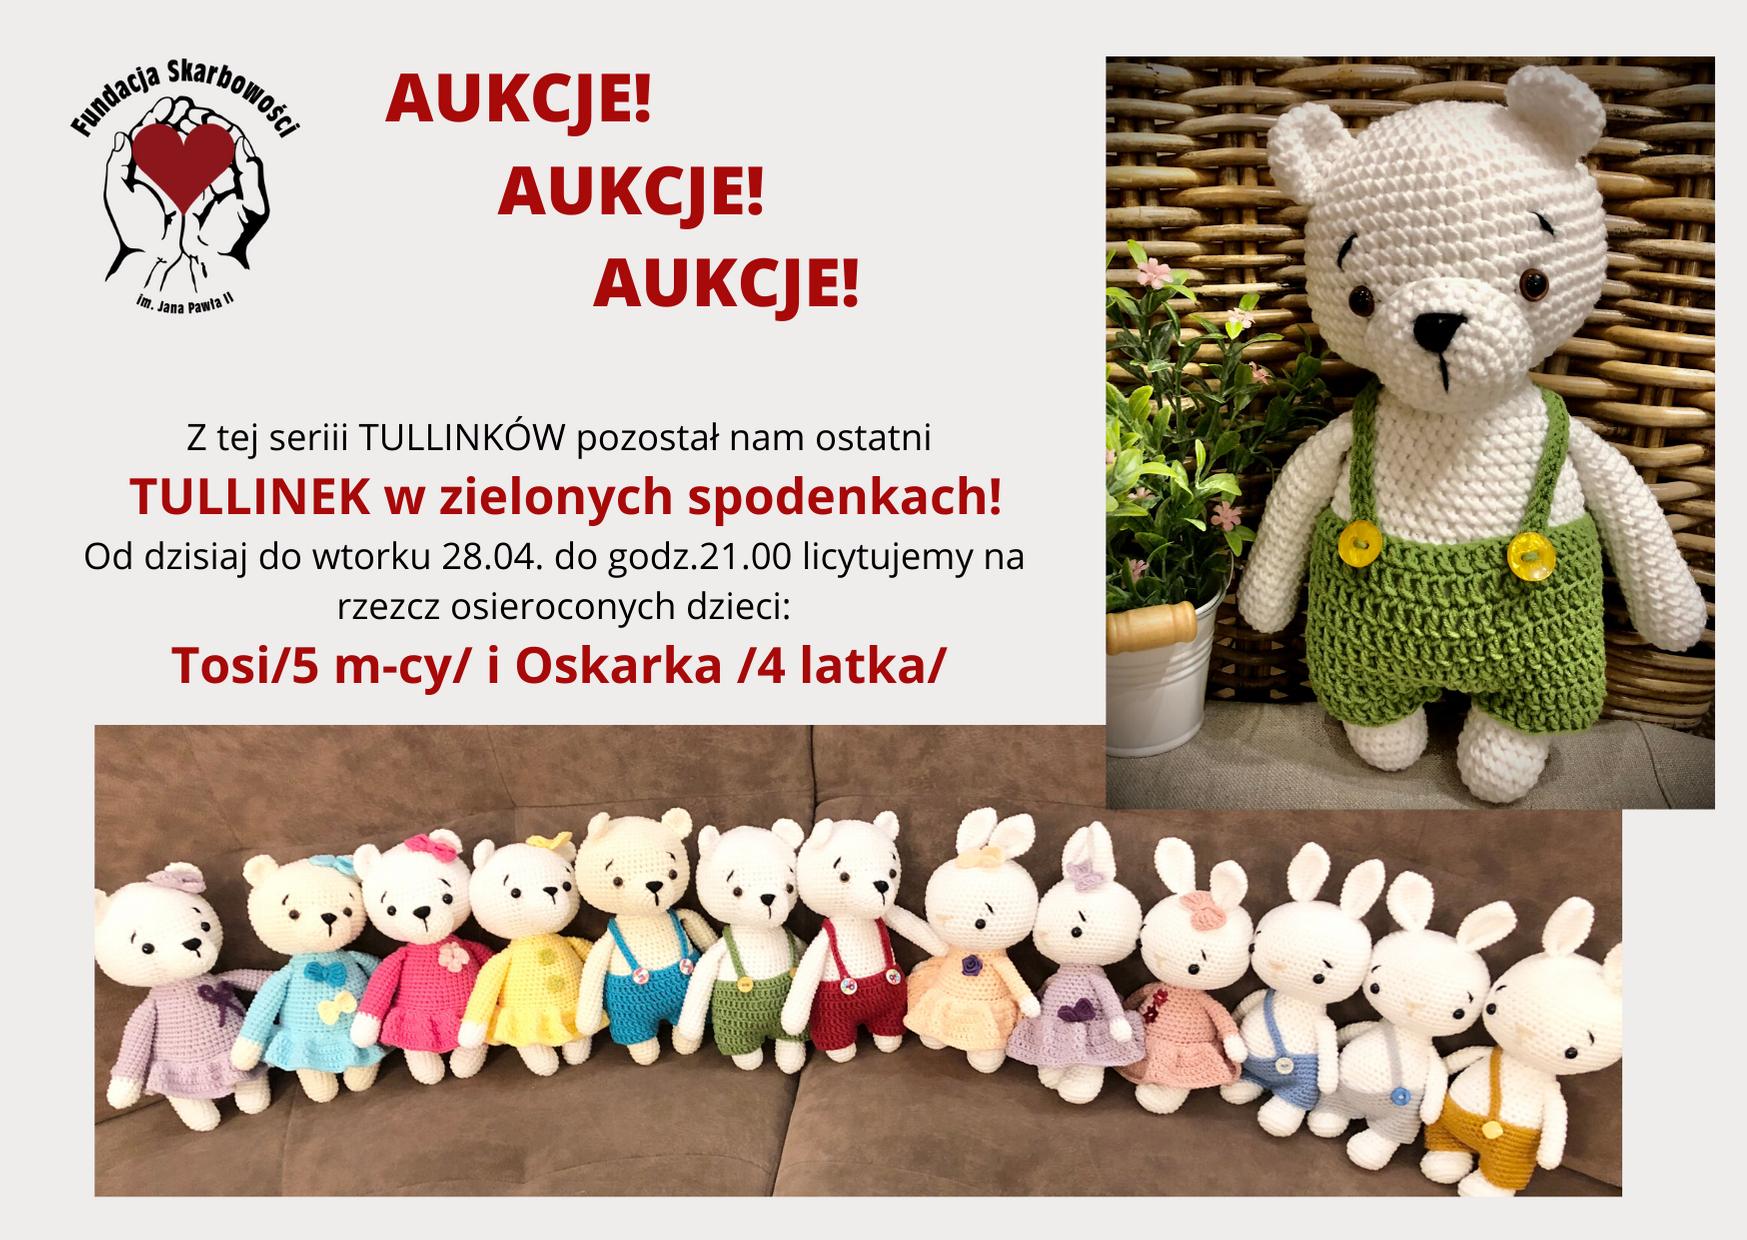 AUKCJE! TULLINEK na aukcji dla osieroconych, malutkich dzieci Tosi i Oskara <3